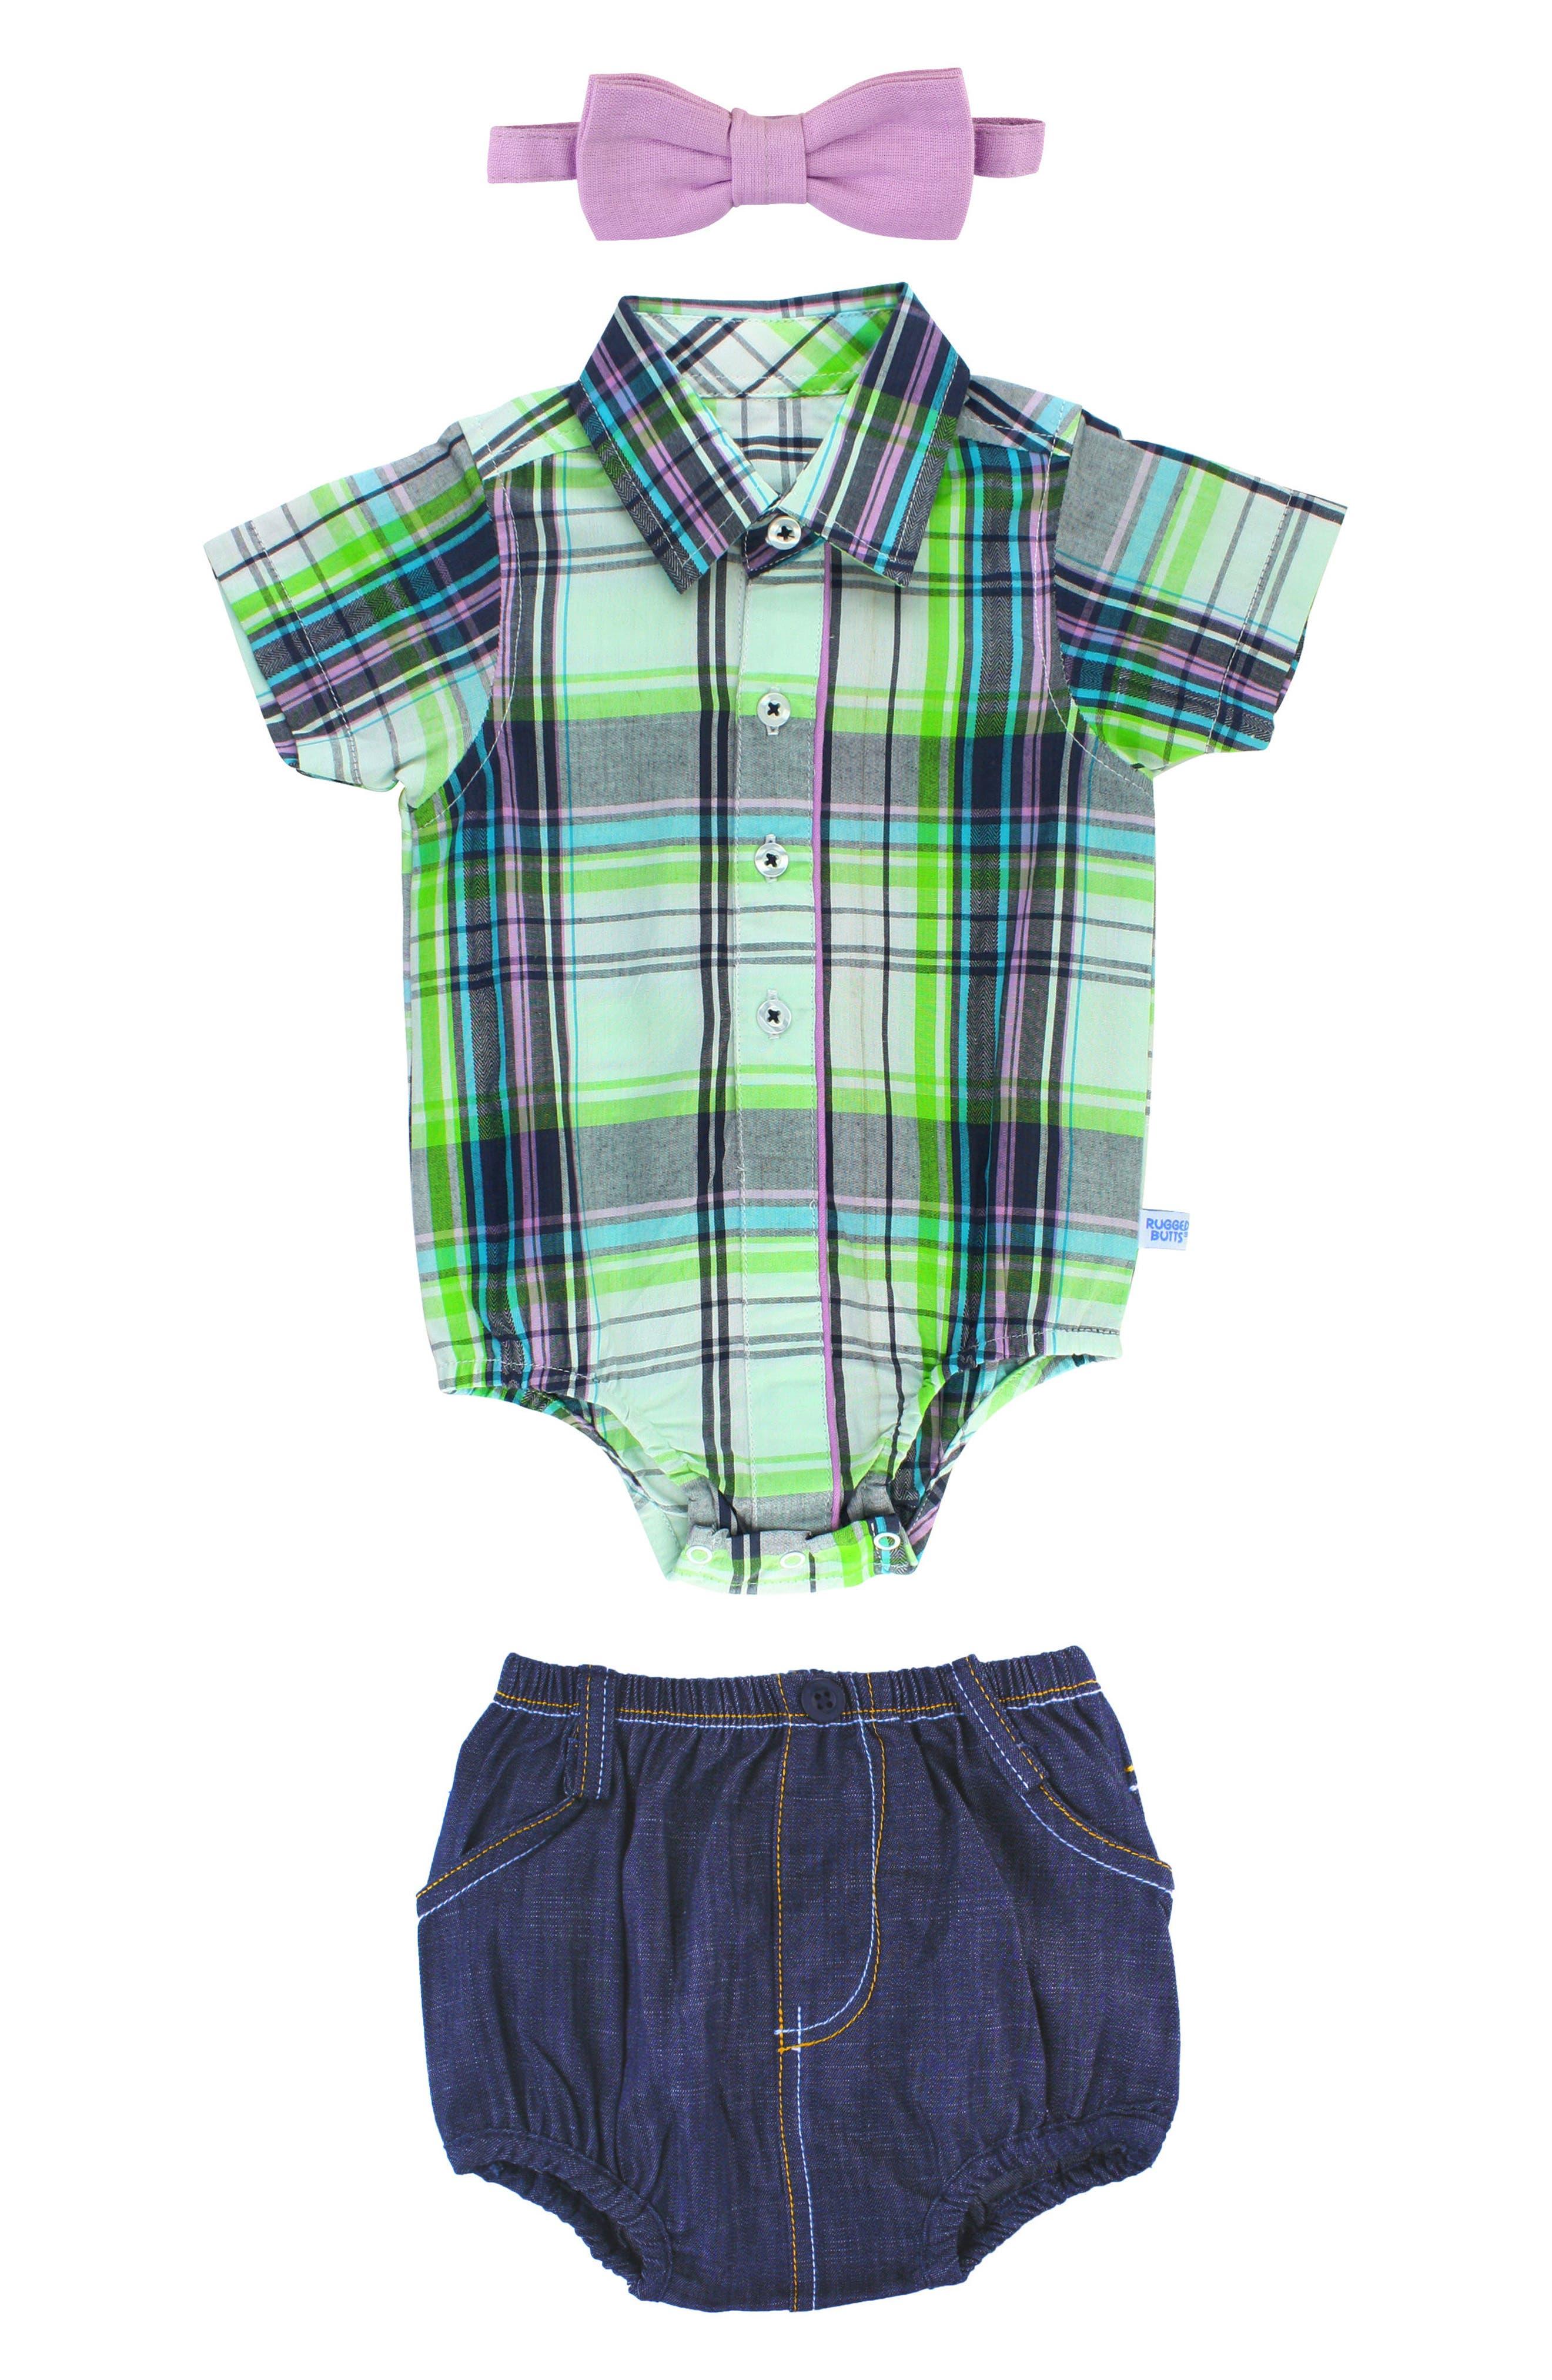 Christopher Plaid Bodysuit, Shorts & Bow Tie Set,                             Main thumbnail 1, color,                             White